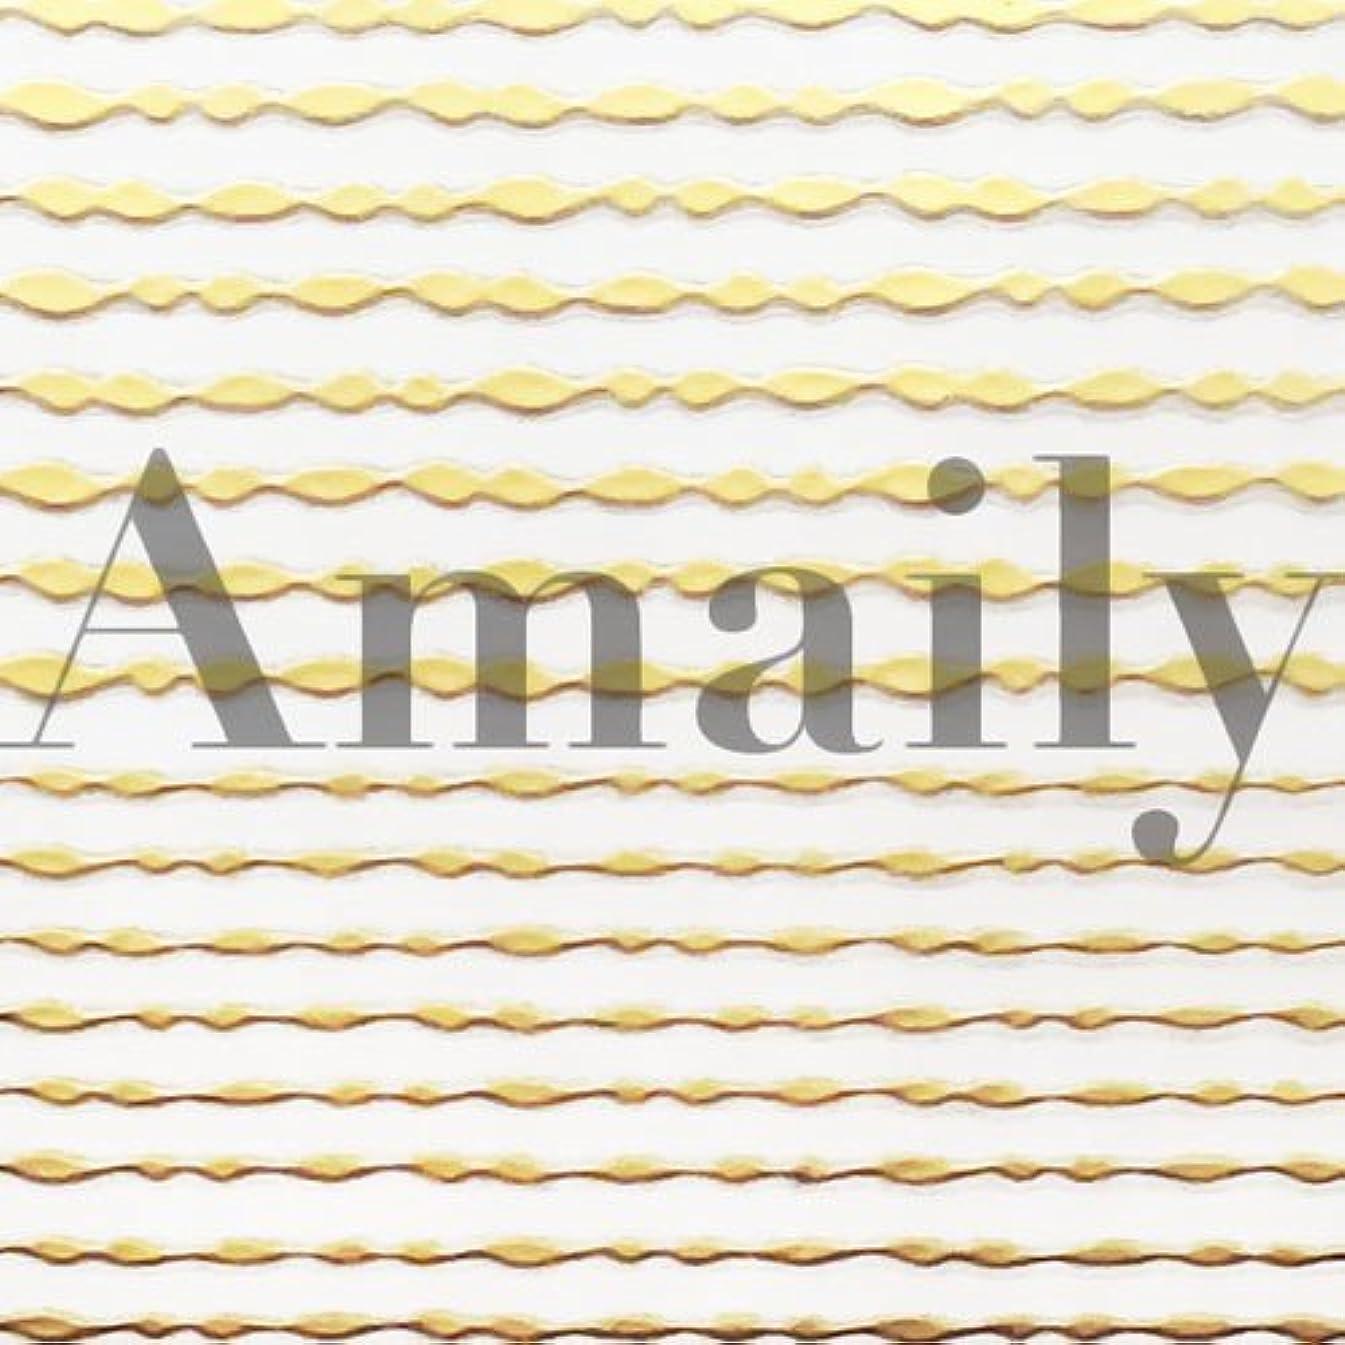 表面フォーマル集中Amaily(アメイリー)波ライン ゴールド【ネイルアート、ネイルシール、ネイル パーツ】